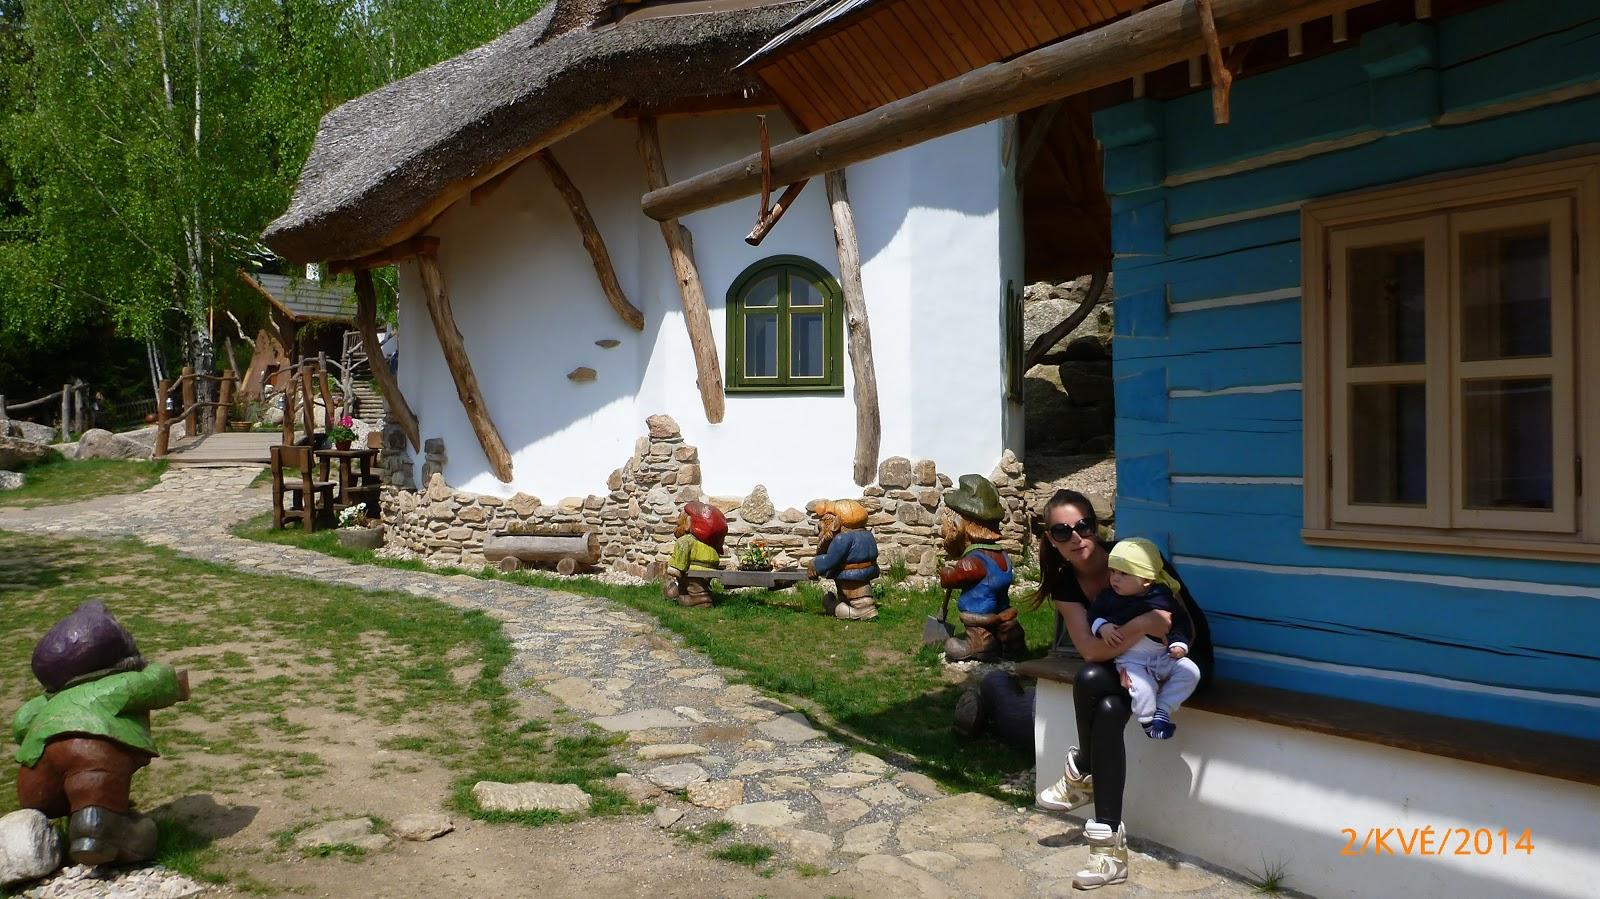 https://www.kempy-chaty.cz/sites/default/files/turistika/pohadkova_vesnicka_podlesicko1.jpg